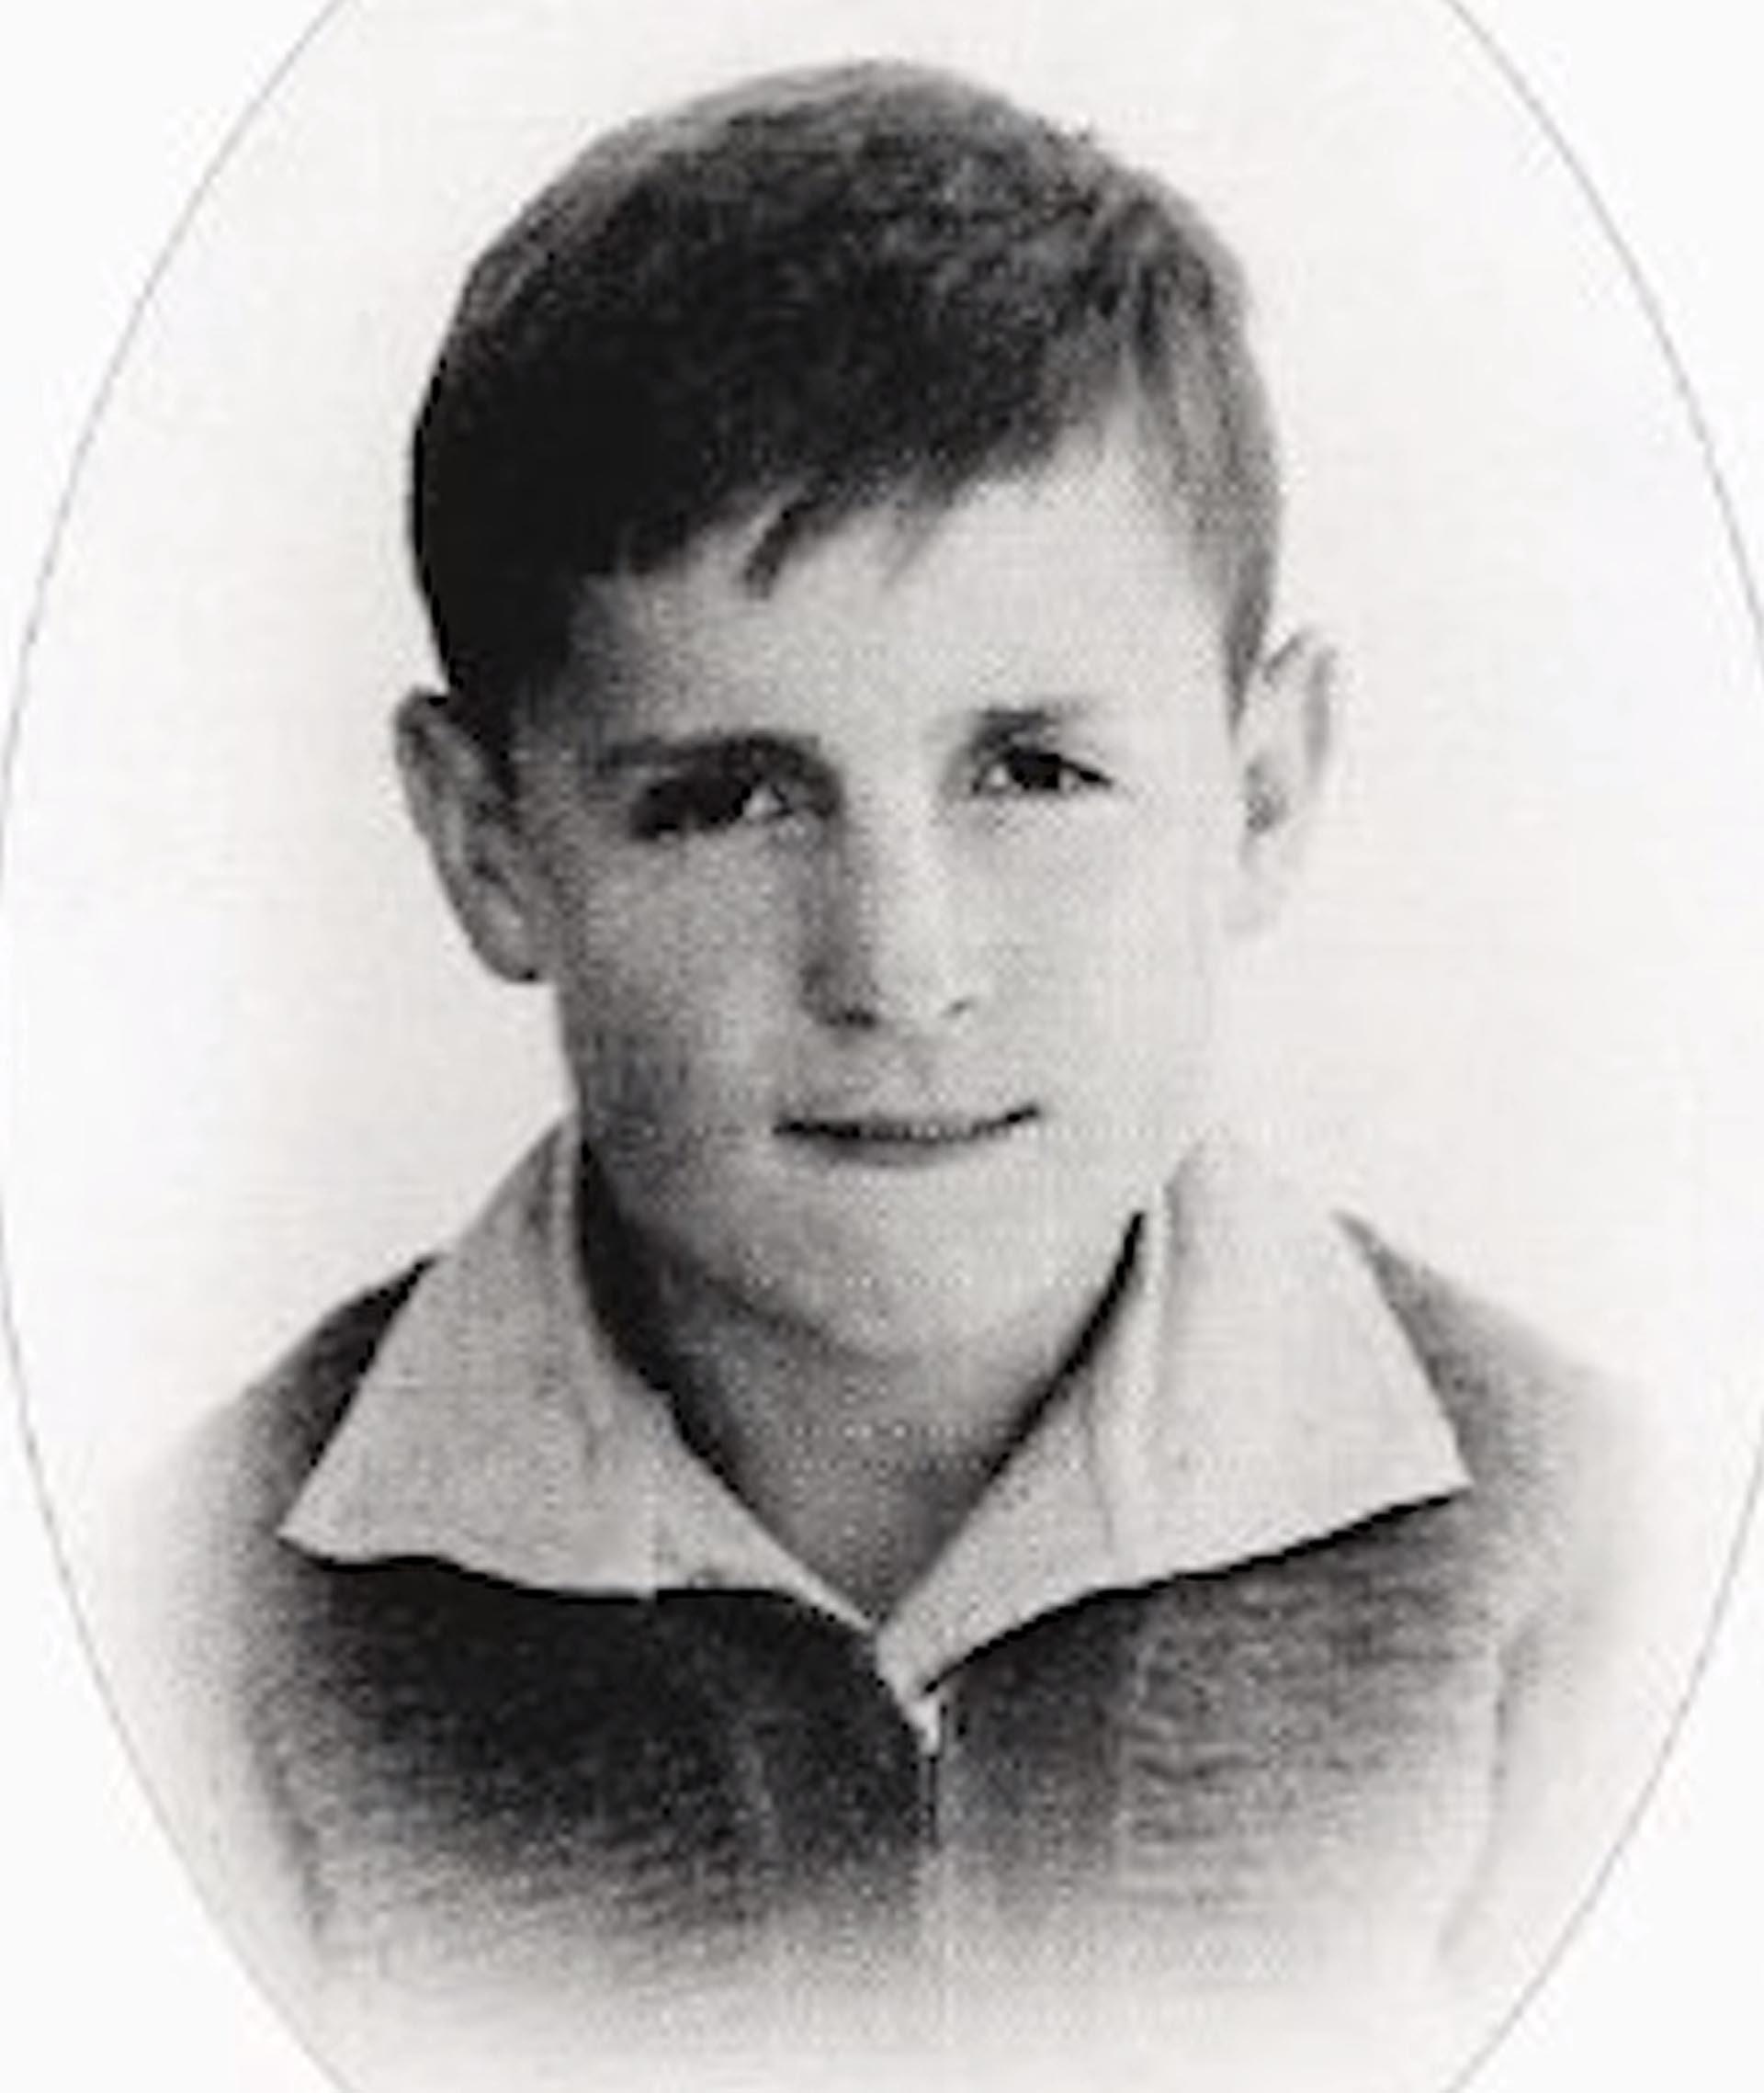 Roberto Gómez Bolaños cuando era joven